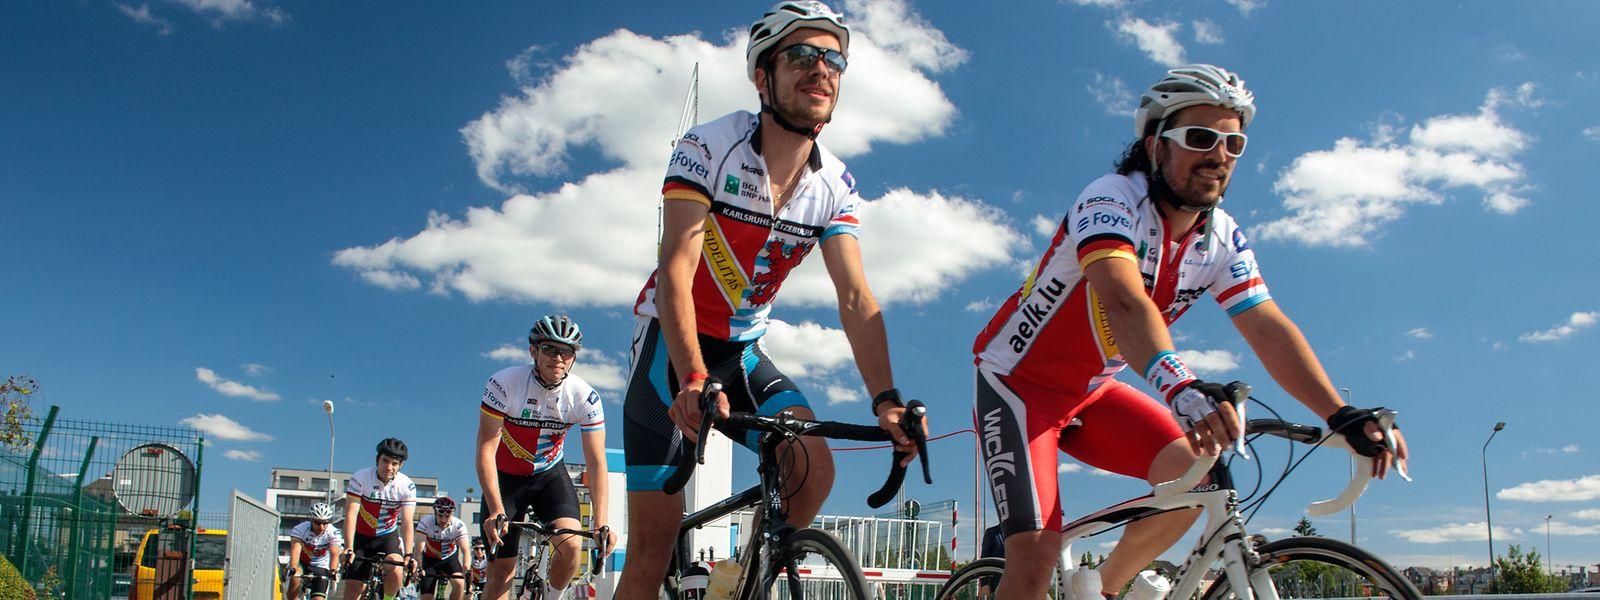 Am Ziel: Die Luxemburger Studenten treffen auf ihren Rädern im Großherzogtum ein.